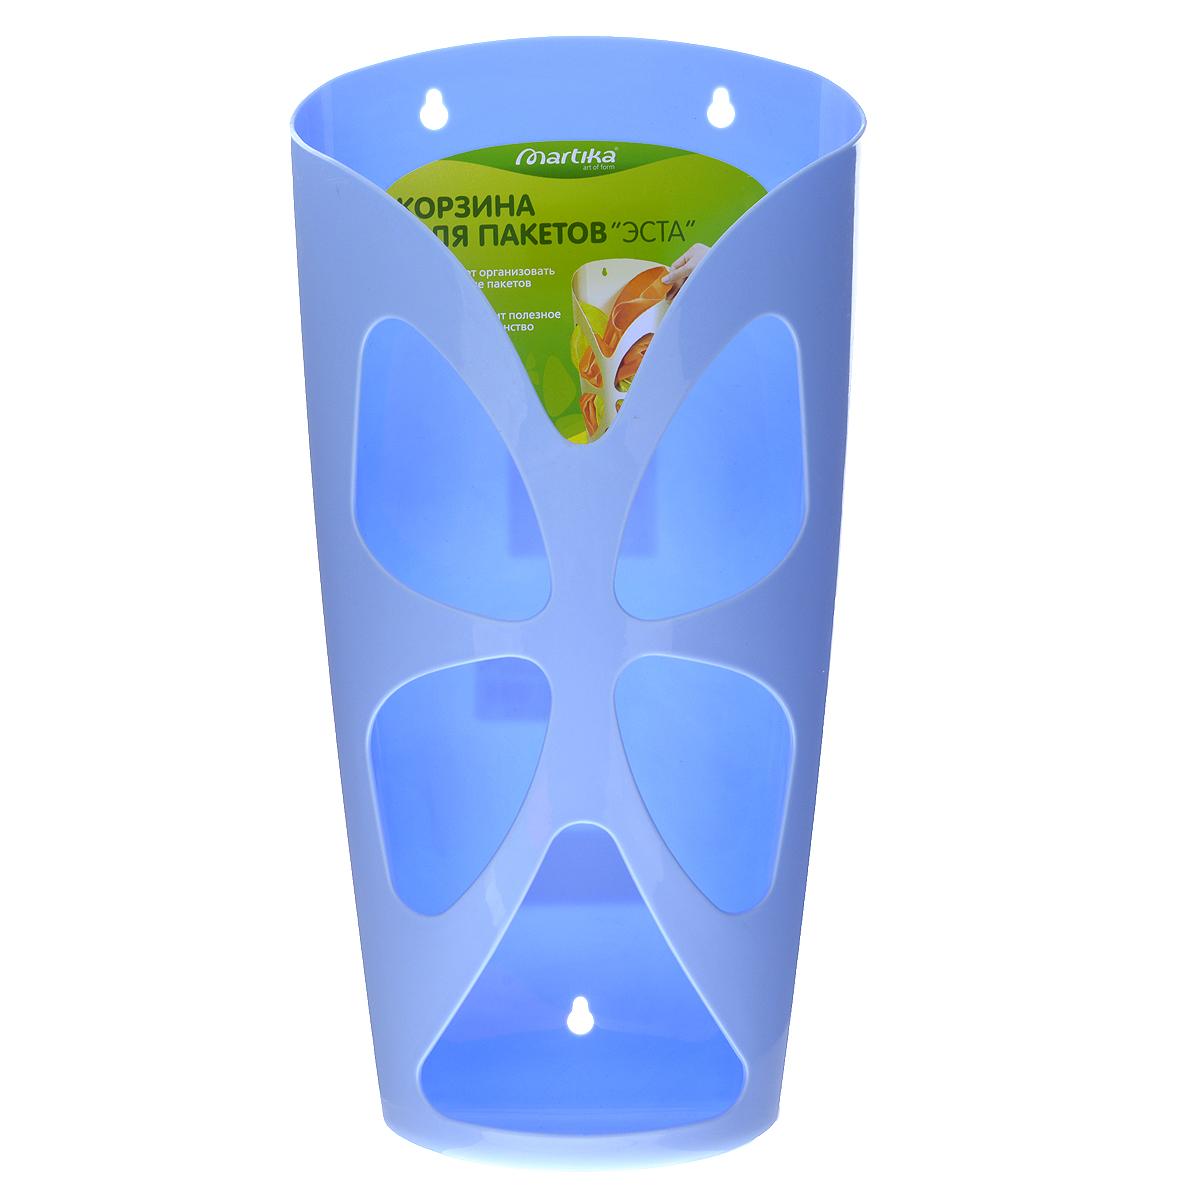 Корзина для пакетов Martika Эста, цвет: голубой. С683ES-412Корзина для пакетов Martika Эста изготовлена из высококачественного пластика. Эта практичная корзина наведет порядок в кладовке или кухонном шкафу и позволит хранить пакеты или хозяйственные сумочки во всегда доступном месте! Изделие декорировано резным изображением бабочки. Корзина просто подвешивается на дверь шкафчика изнутри или снаружи, в зависимости от назначения. Корзина для пакетов Martika Эста будет замечательным подарком для поддержания чистоты и порядка. Она сэкономит место, гармонично впишется в интерьер и будет радовать вас уникальным дизайном.